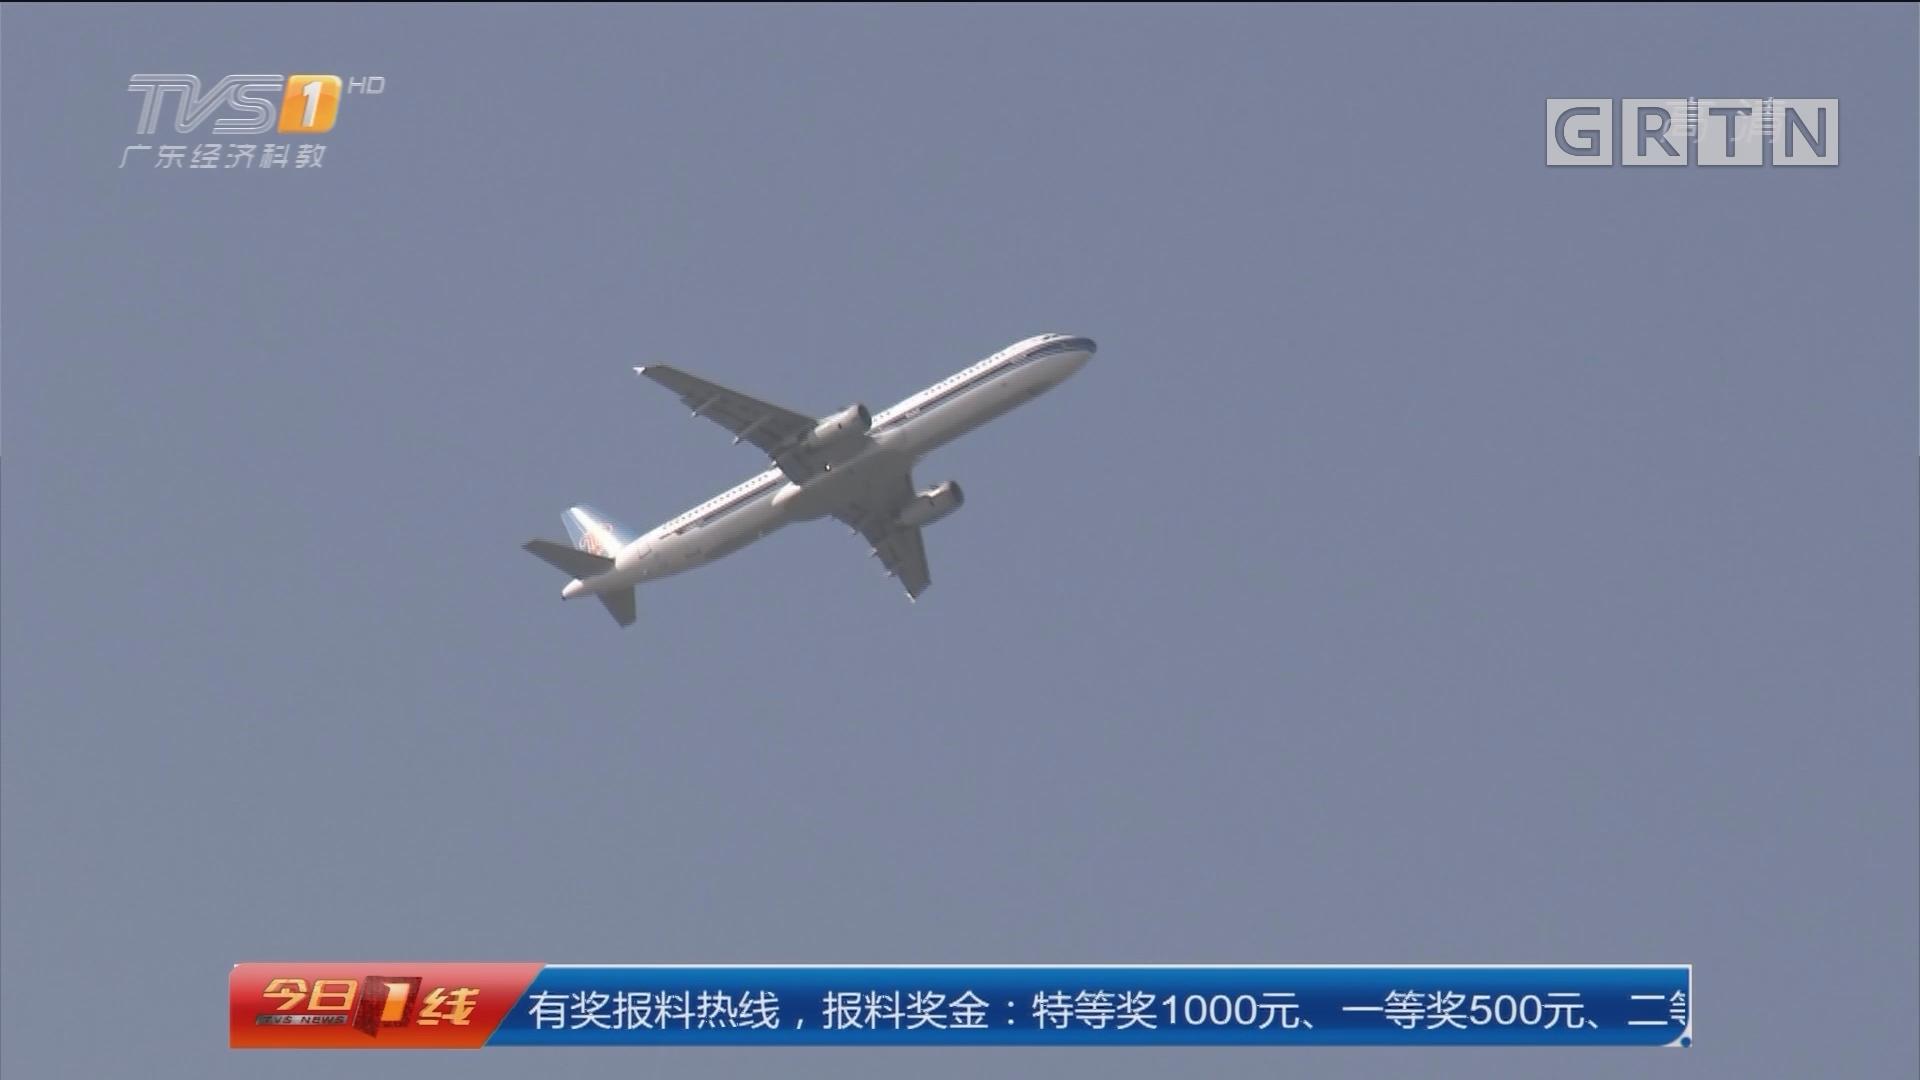 cz600航班救人事件:乘客空中发病 飞机放油43吨备降